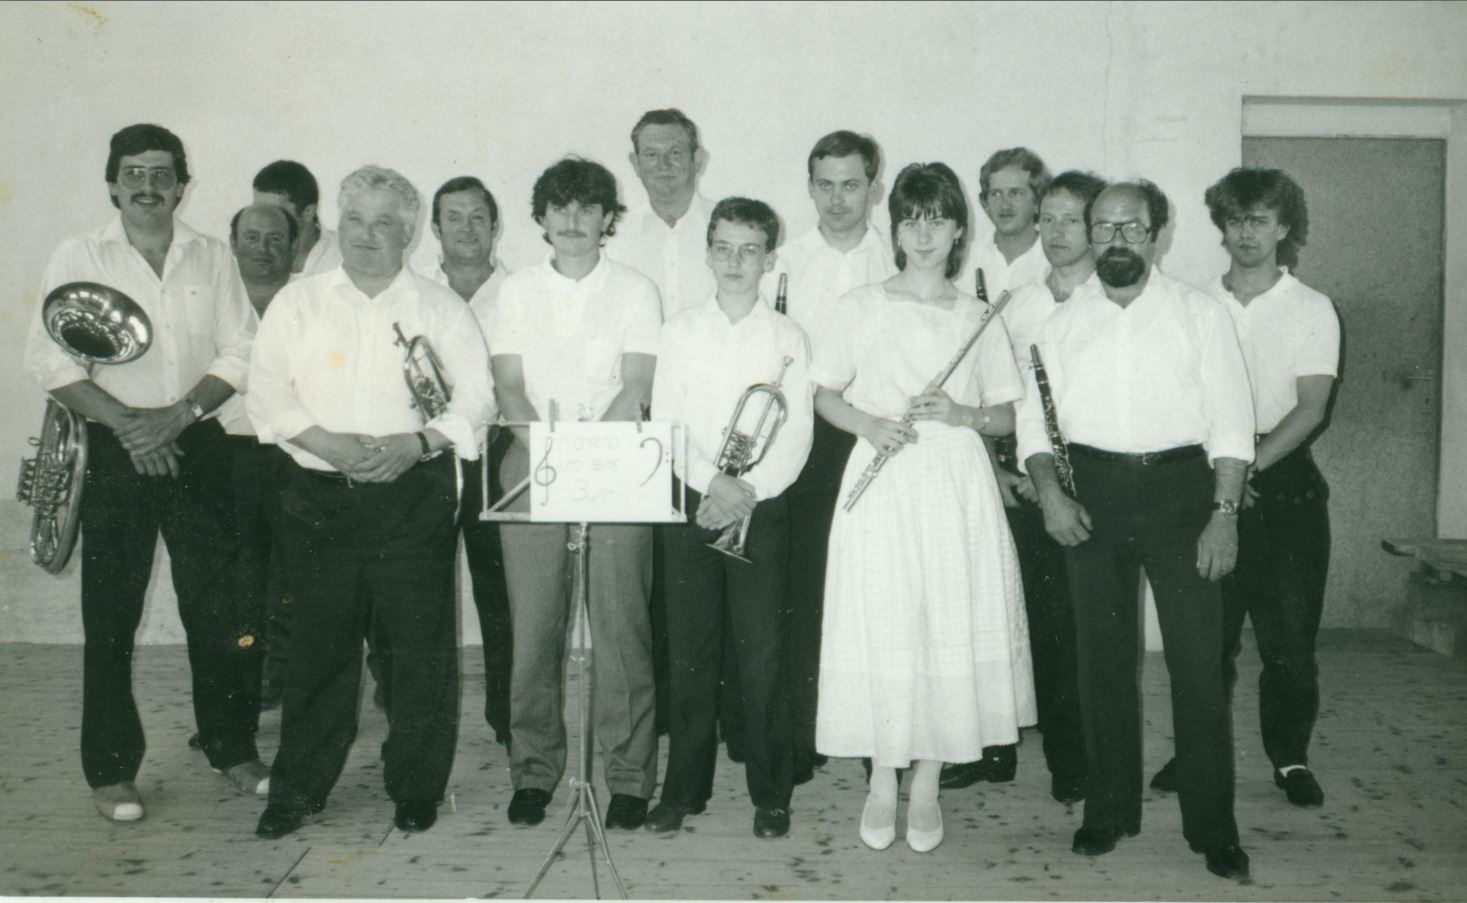 1987 - Ortsmusik in Altruppersdorf